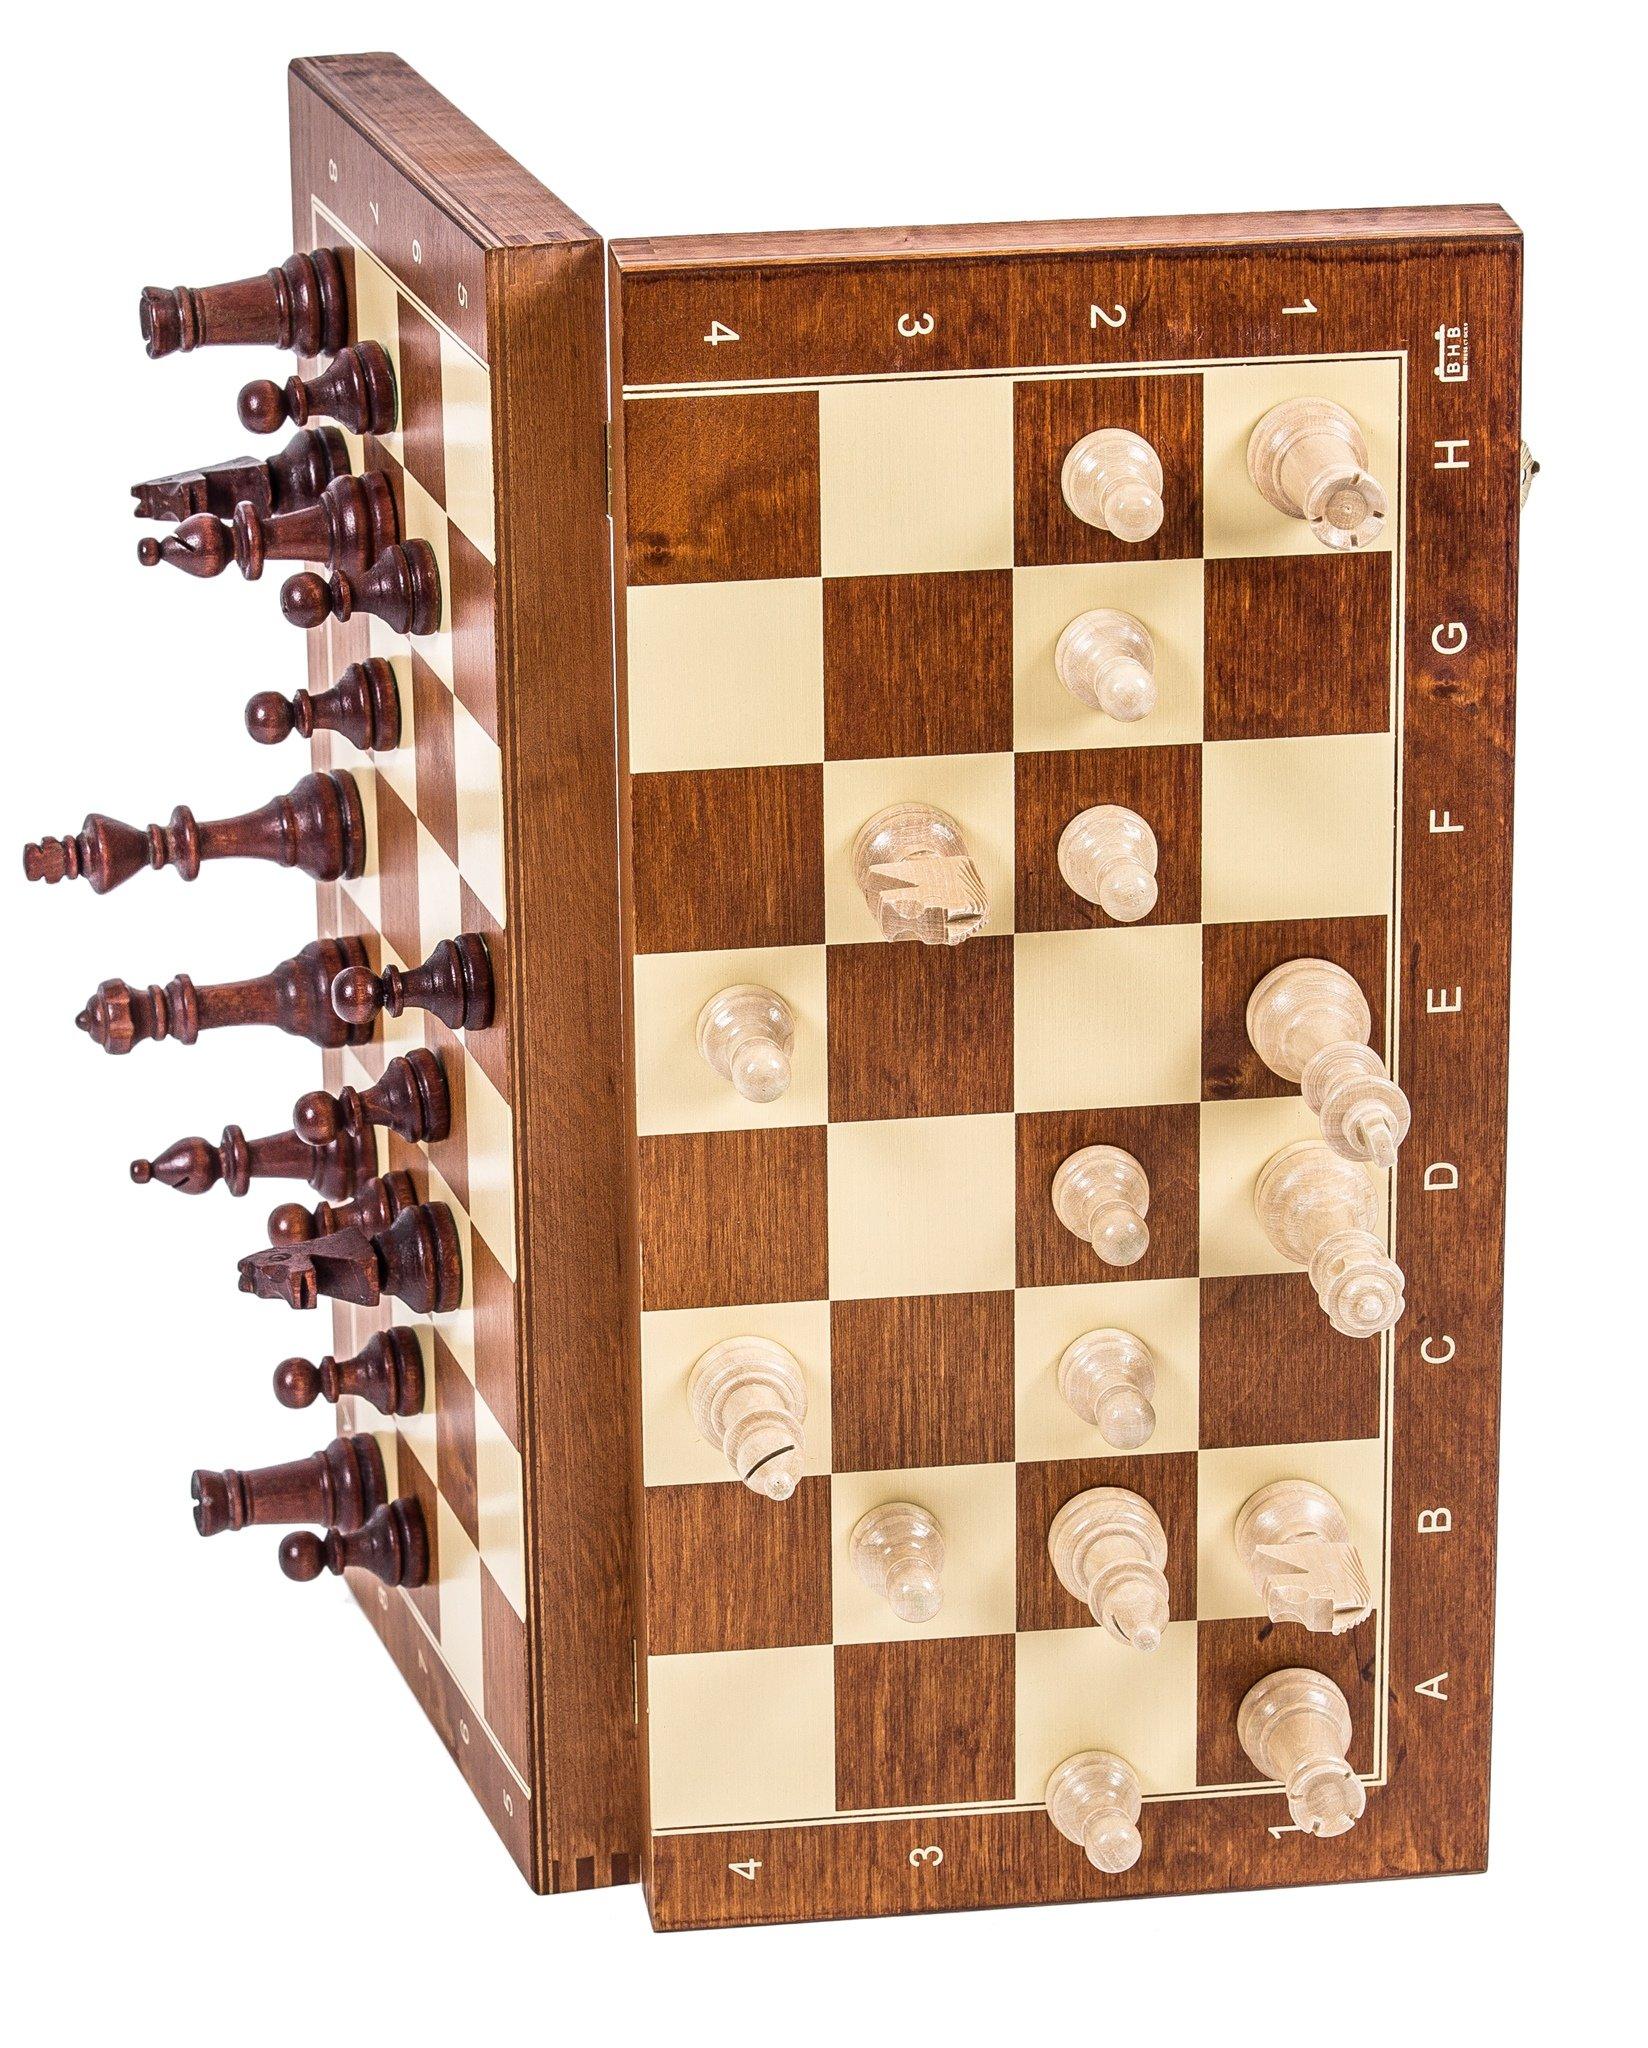 Schach-Schachspiel-MAGNETISCHE-Staunton-Nr-4-Schachfiguren-Schachbrett-aus-Holz